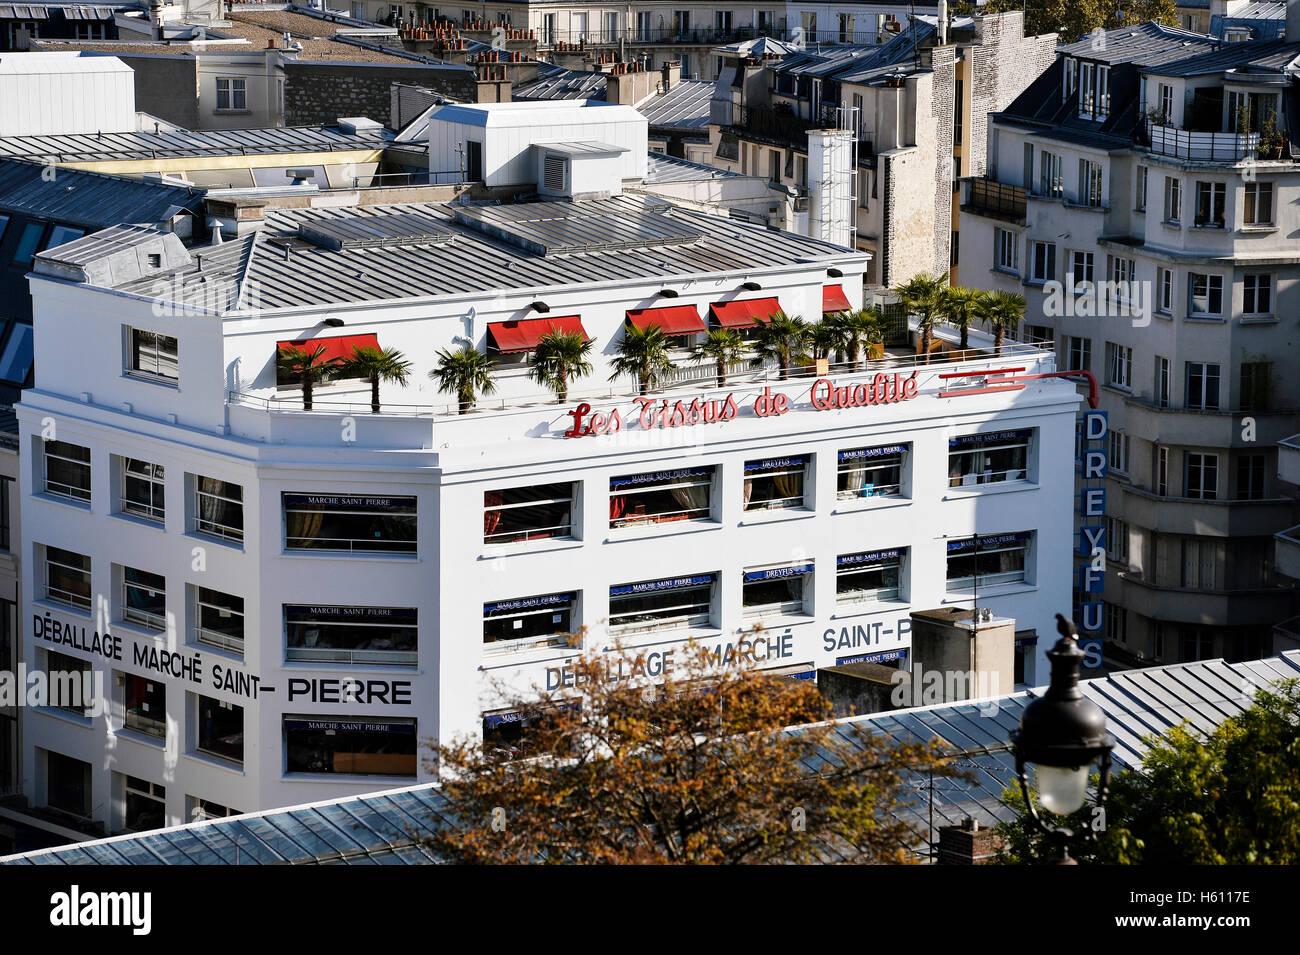 Marché Saint Pierre, Montmartre, Paris - Stock Image